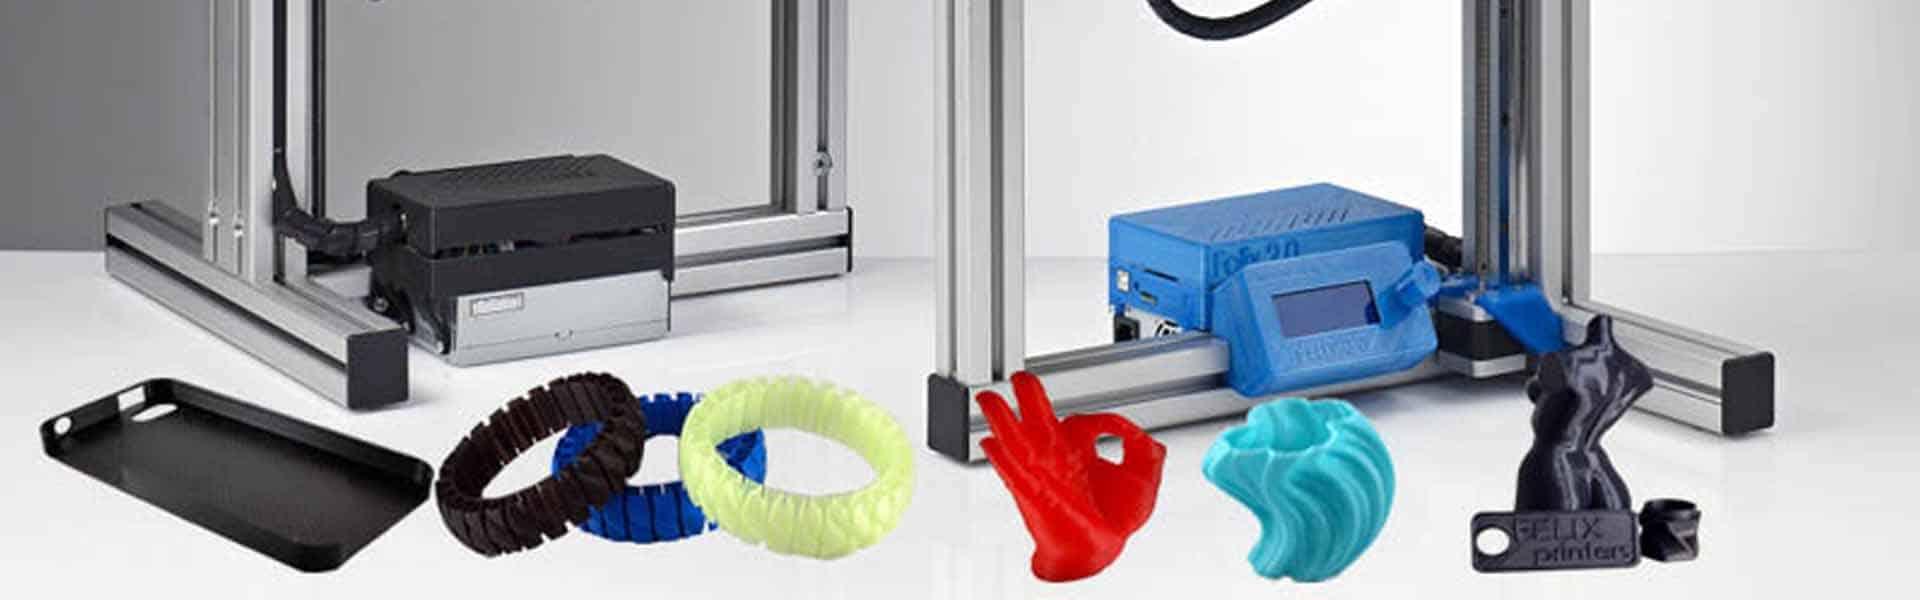 Felix 3D Printer Review